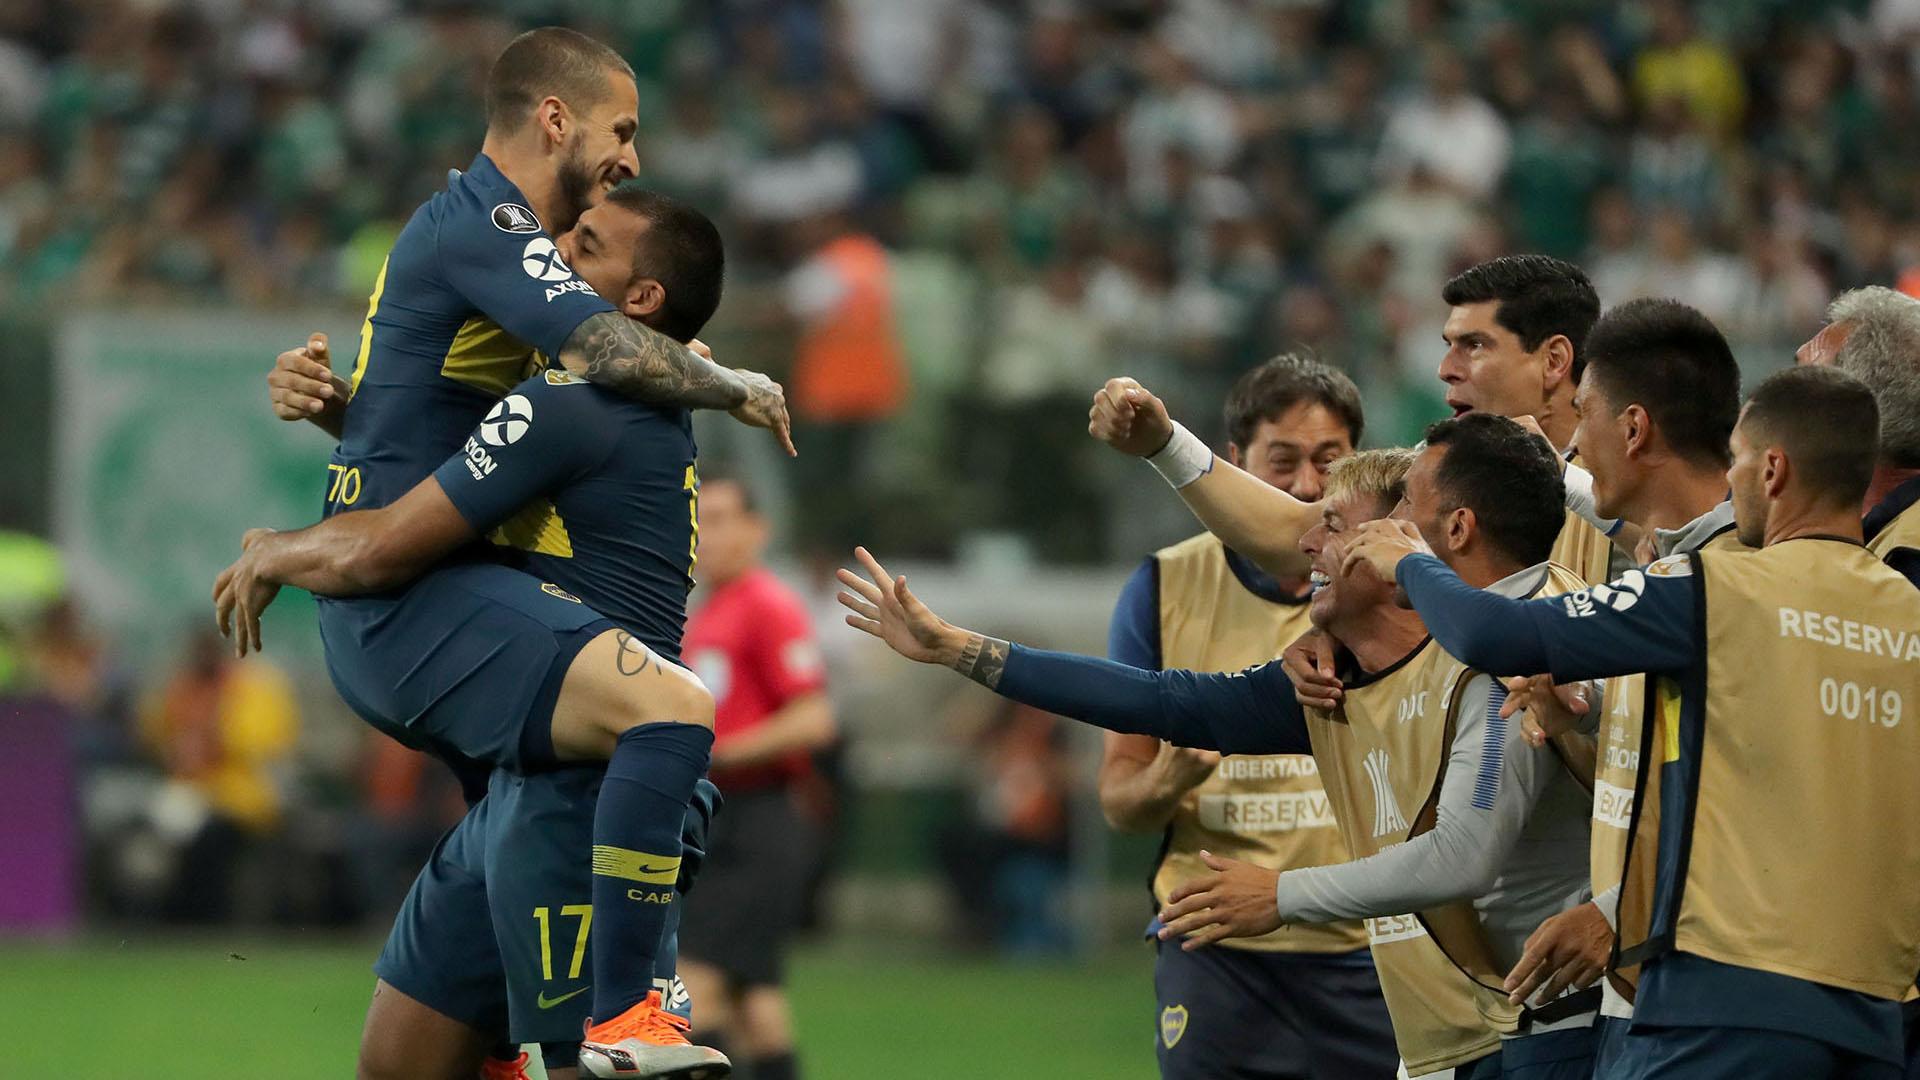 Boca igualó 2 a 2 con San Pablo y accedió a la final de la Copa Libertadores